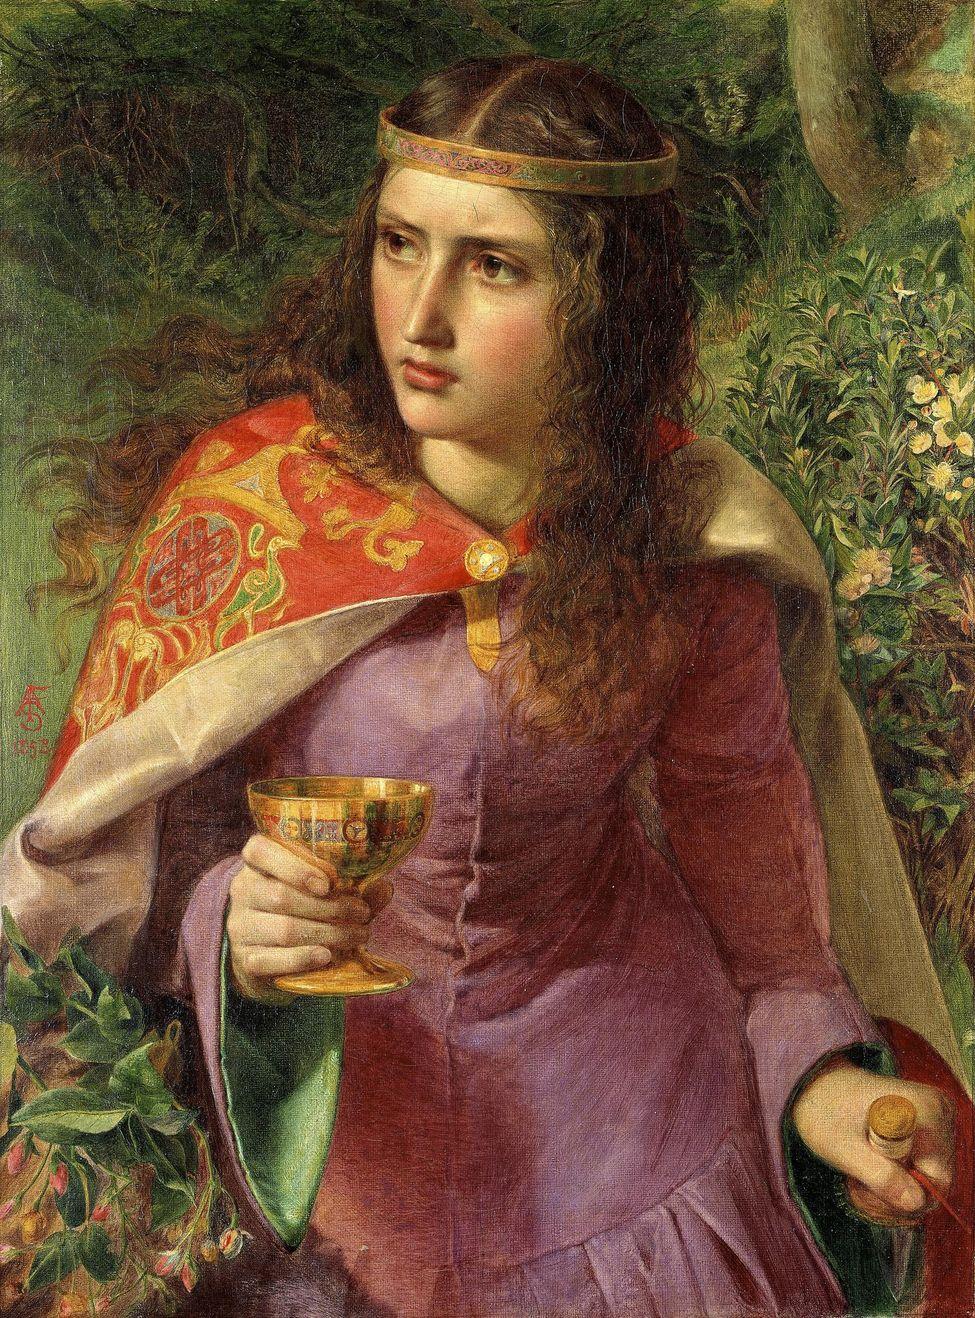 Алеонора Окситанская, средневековая королева